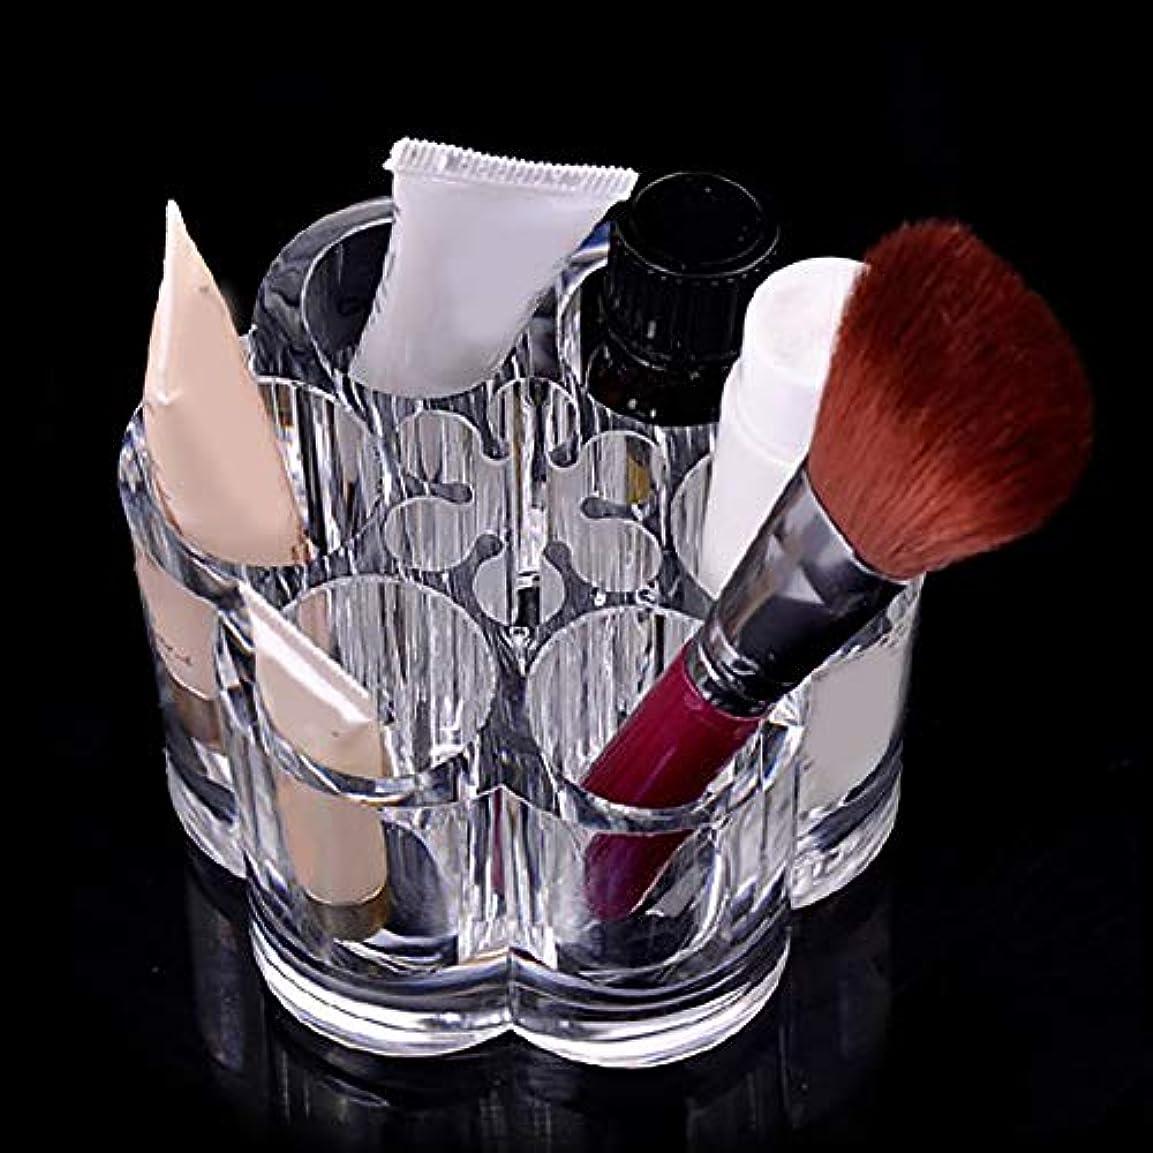 実り多い周囲通訳hamulekfae-化粧品綺麗梅の花透明アクリル化粧ブラシホルダー化粧品オーガナイザーディスプレイスタンド - 透明